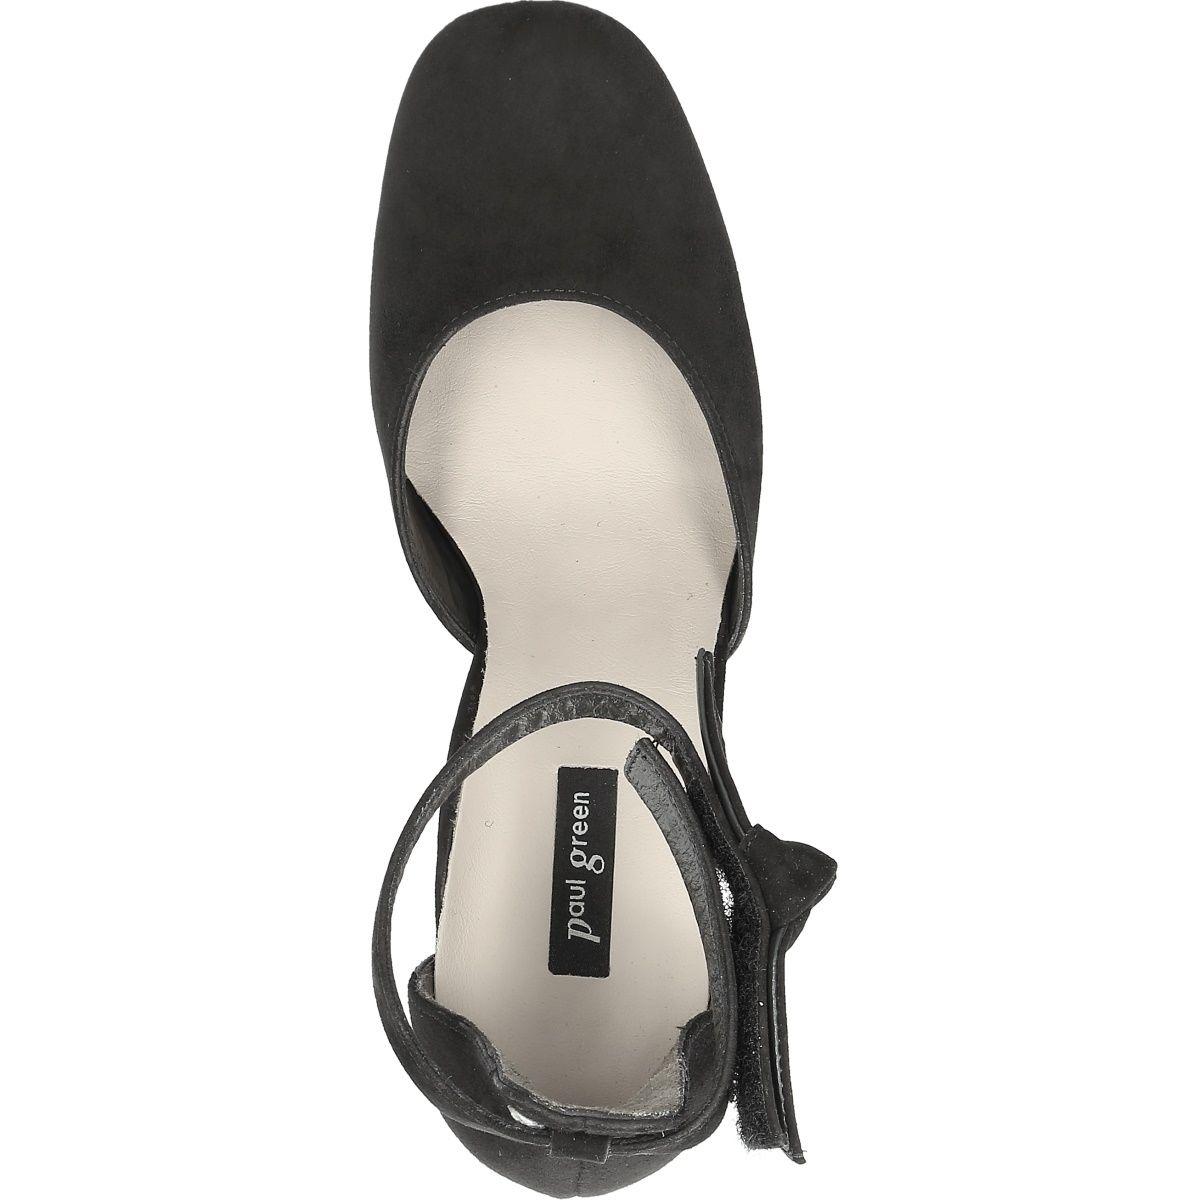 6a5523b2812de7 Pumps in black - 3537-042 Buy in Paul Green Online-Shop